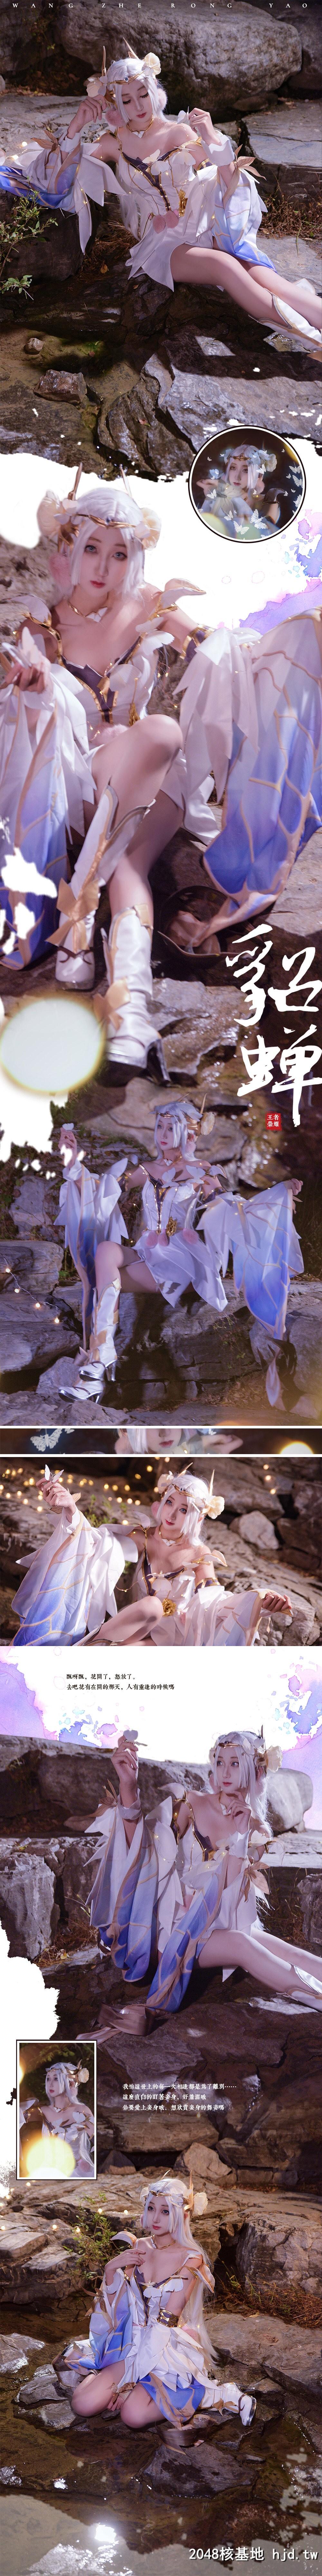 《王者荣耀》金色仲夏夜之梦貂蝉Cosplay【CN:柠檬 汽酒】 (9P)插图(6)